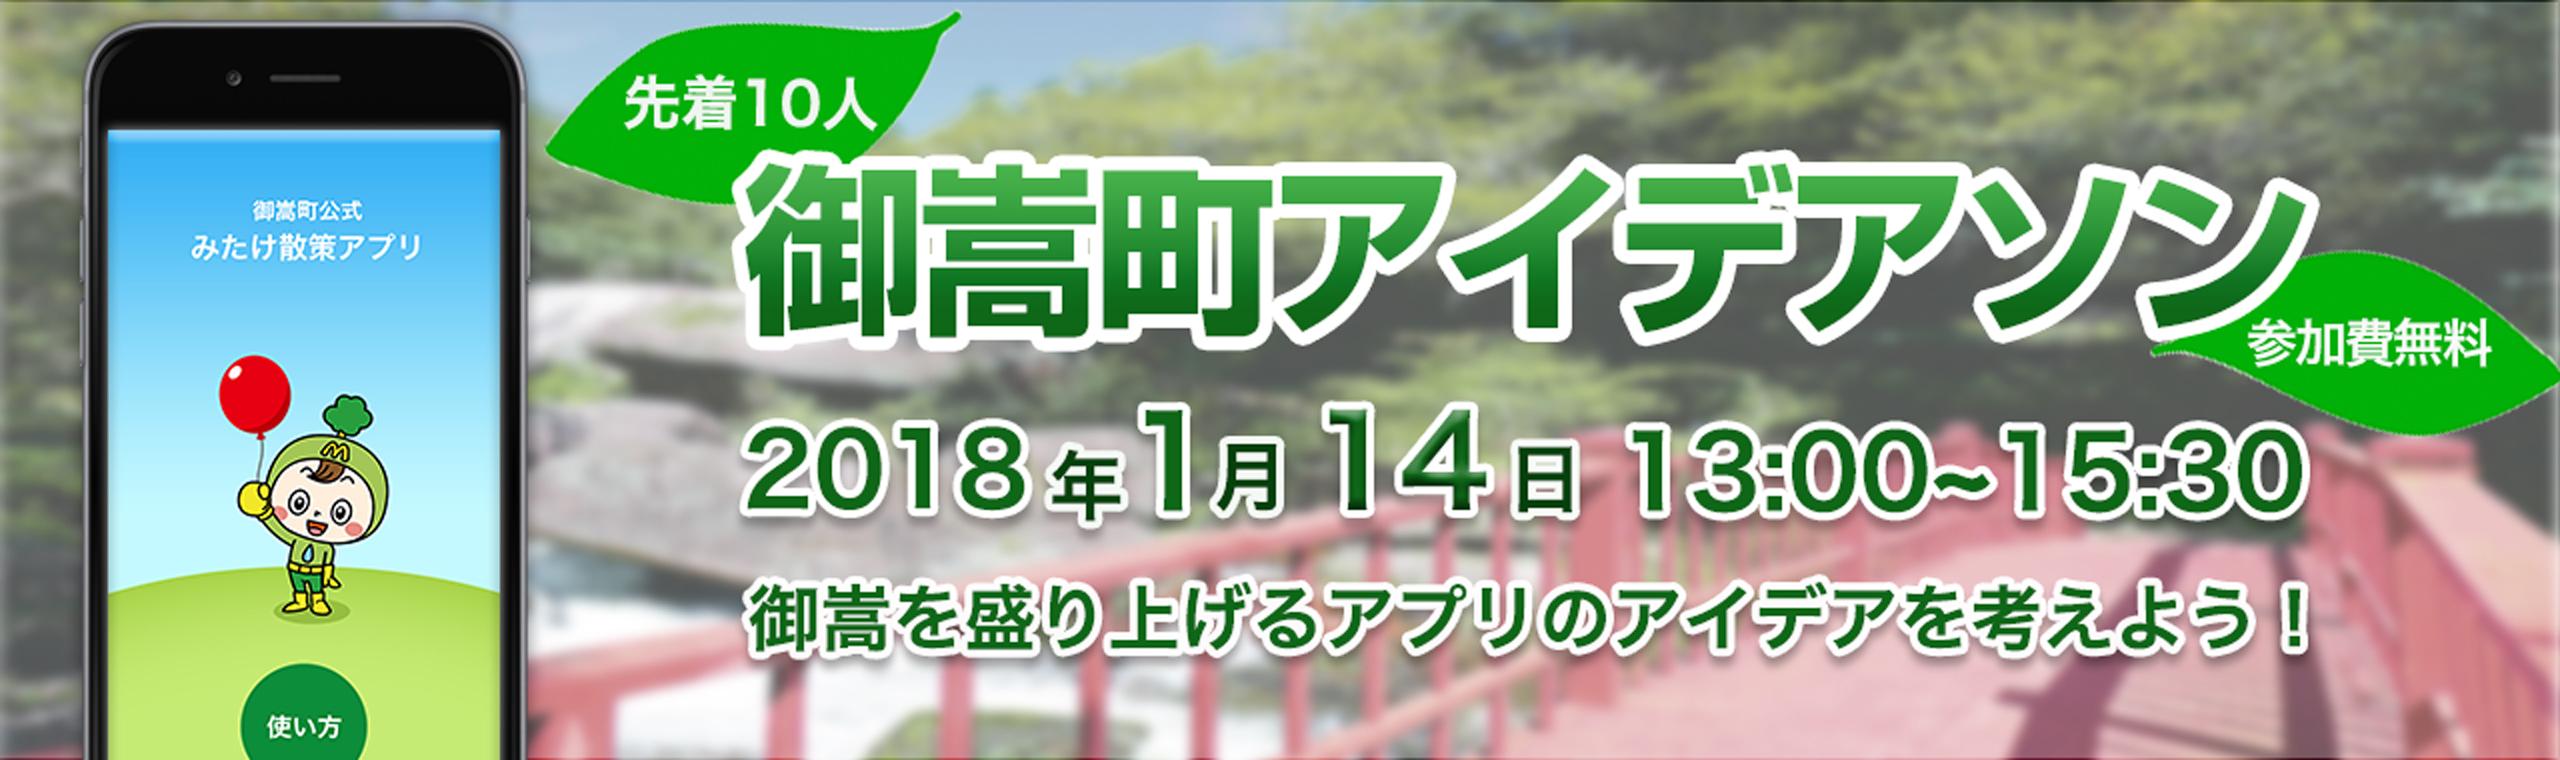 1月14日(日)御嵩町アイデアソンを開催します!